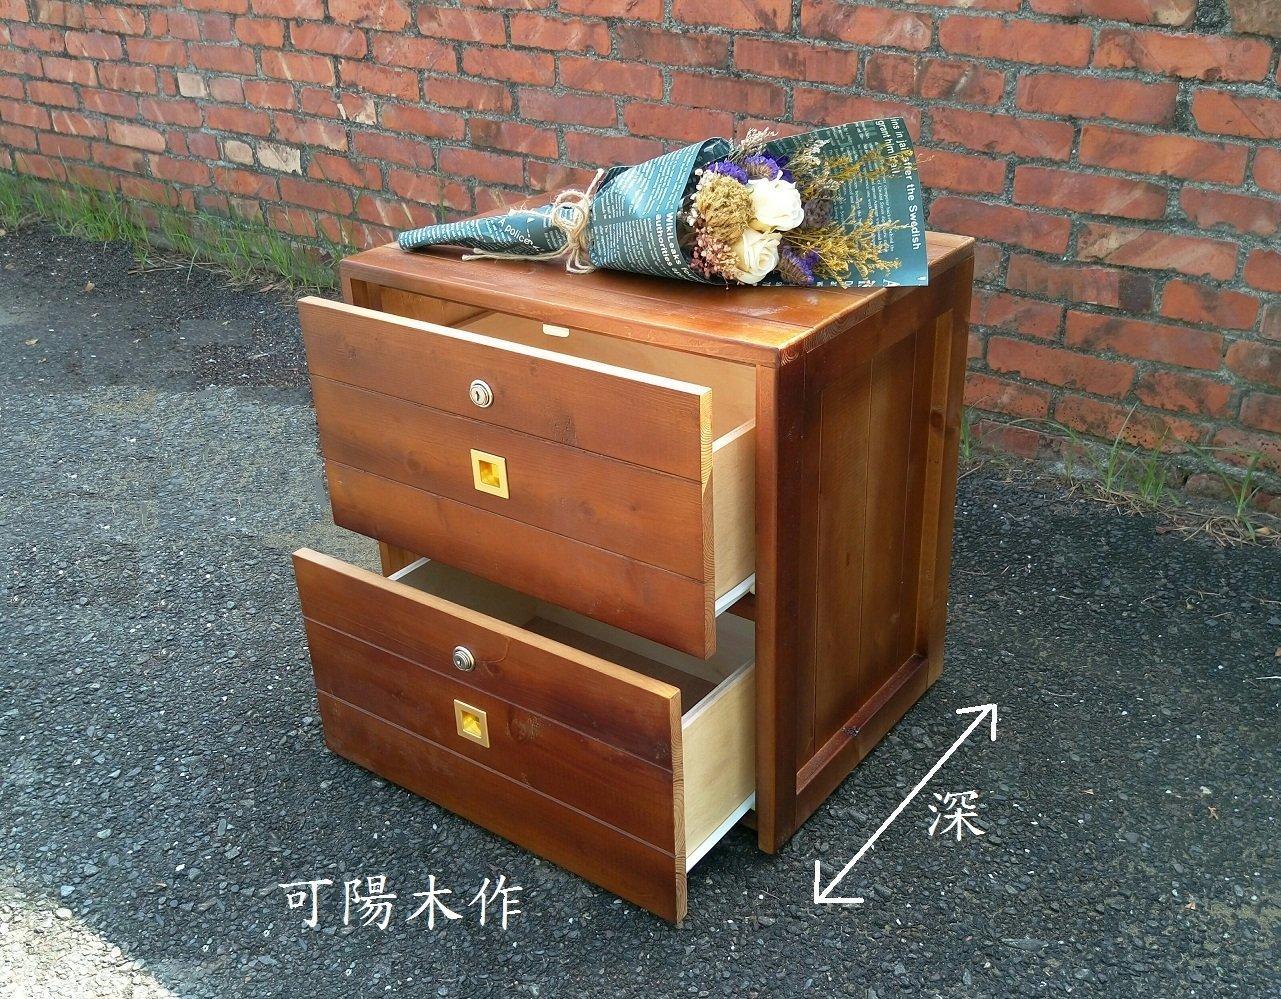 【可陽木作】原木雙層抽屜邊框櫃(柚木色)  二抽屜收納櫃  床邊櫃 玄關櫃 斗櫃 矮櫃 邊桌 電話桌 角落桌